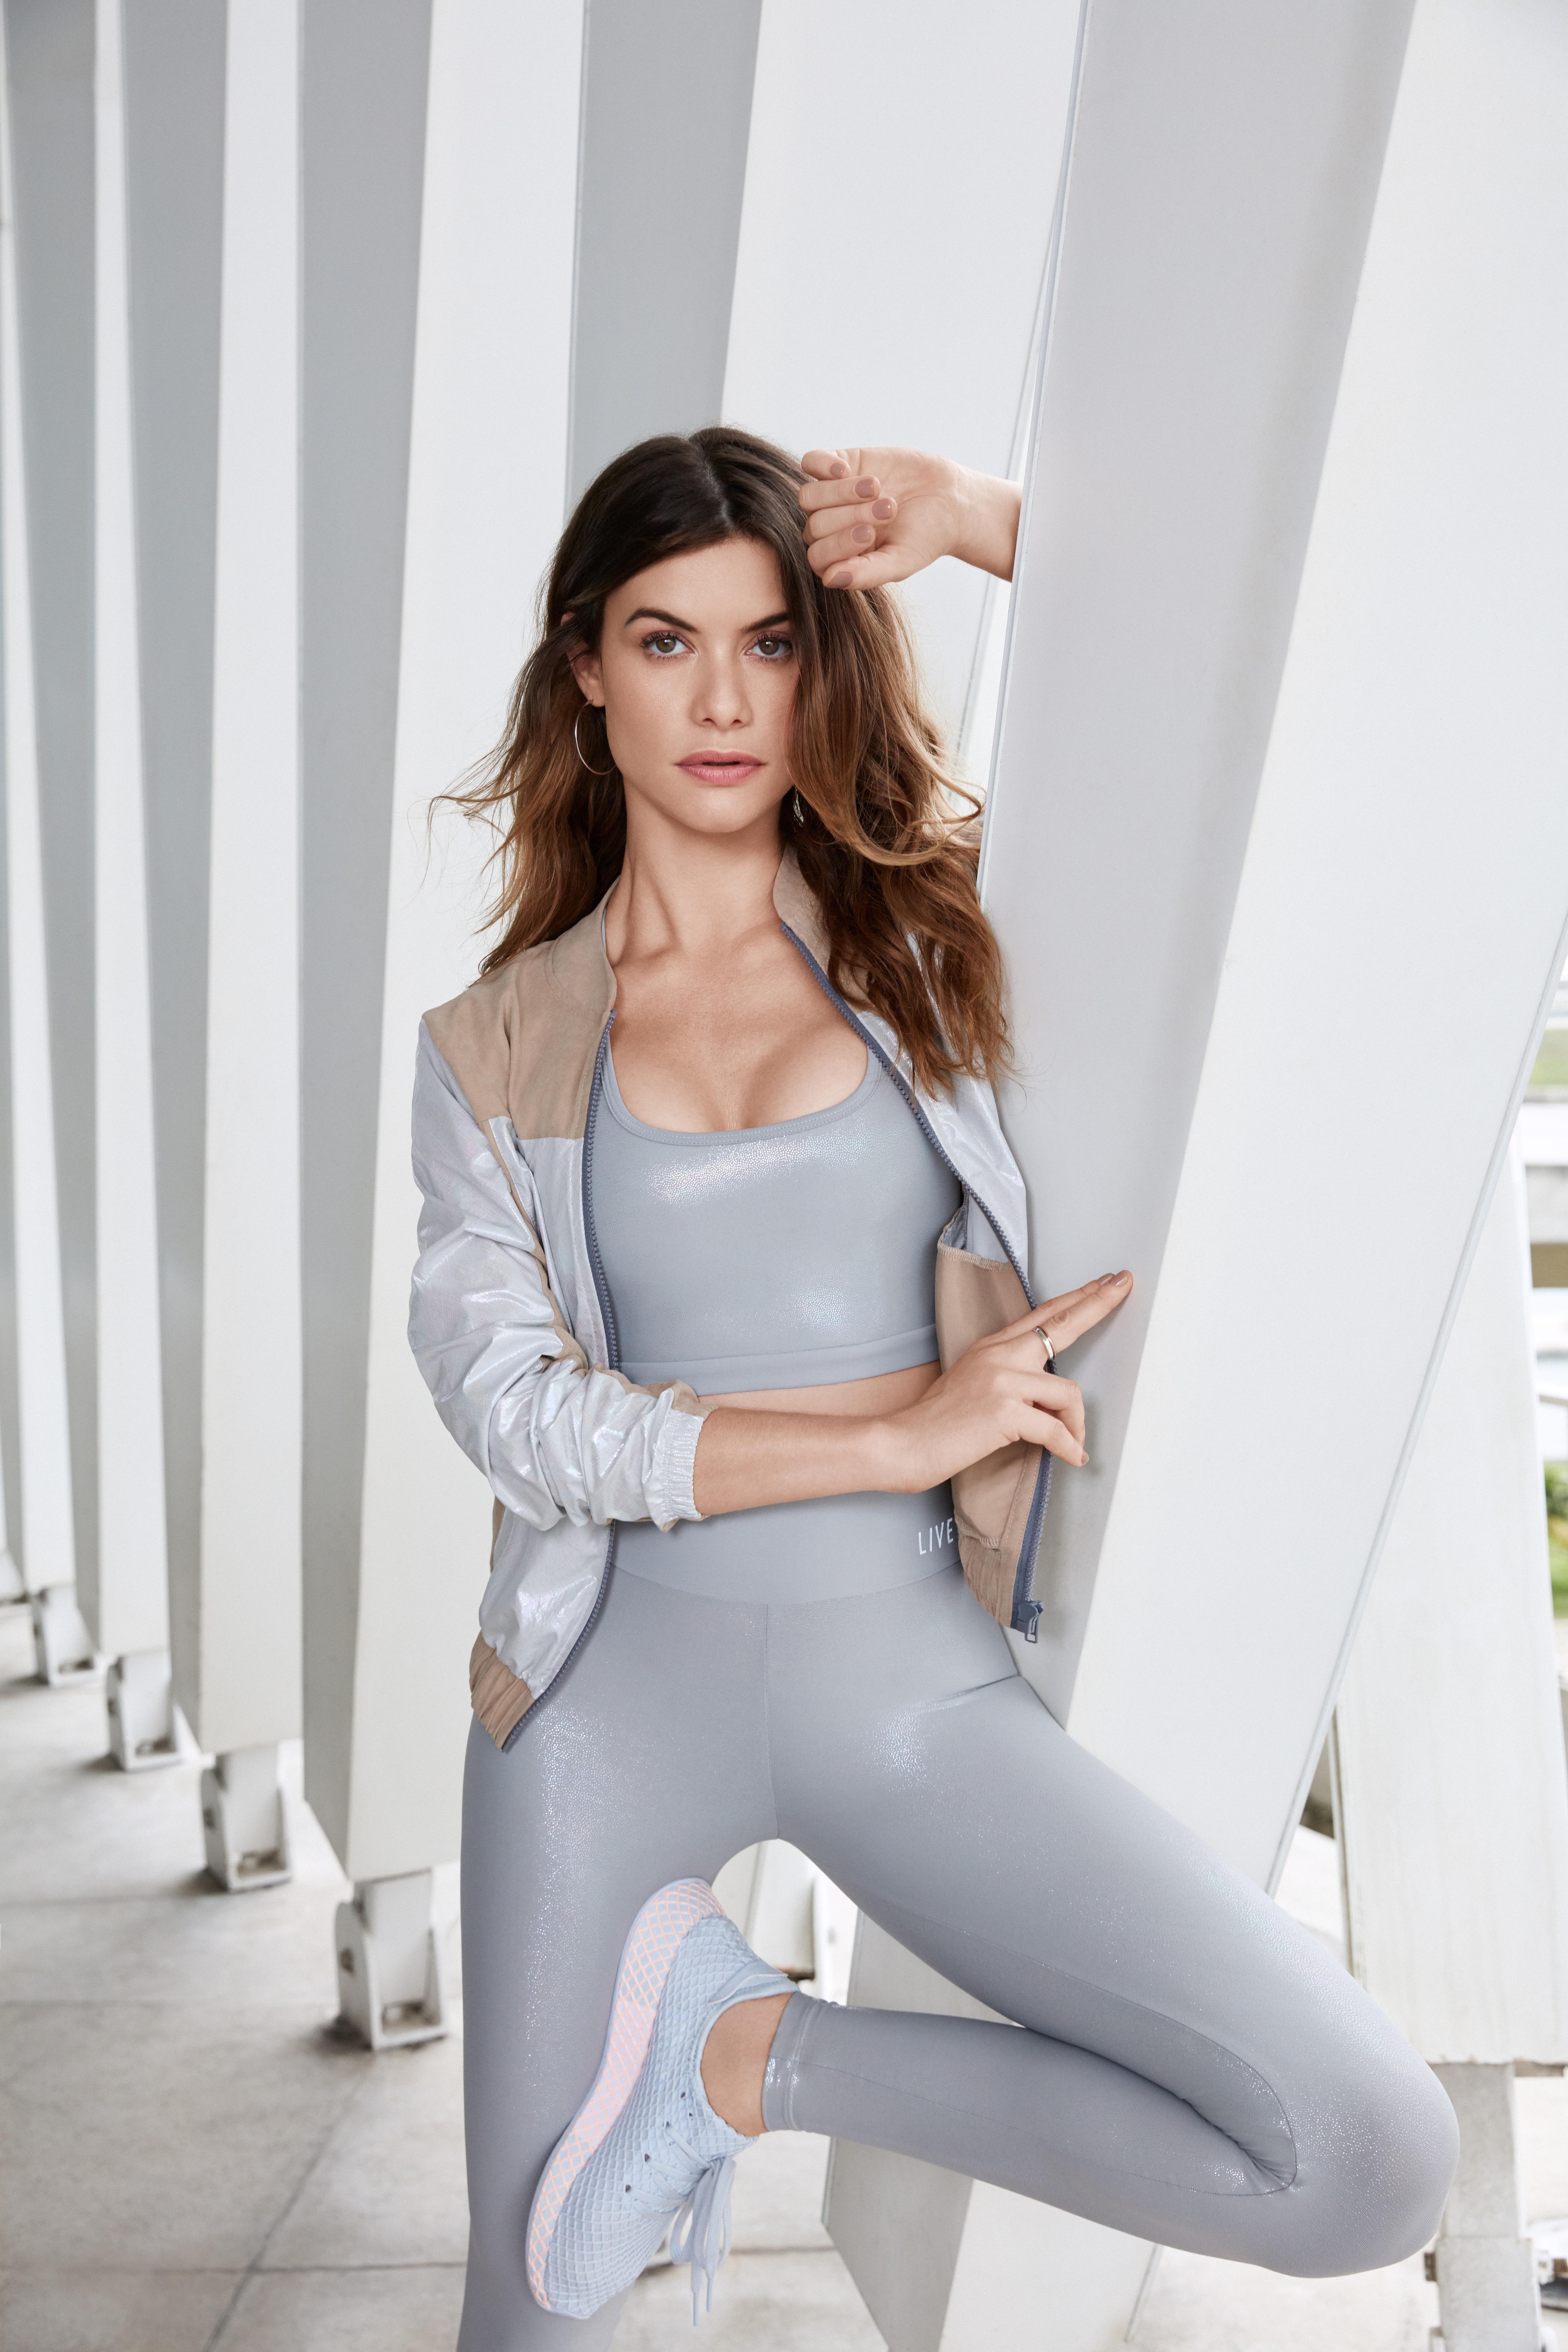 Alinne Moraes Sex alinne moraes para a campanha wideness 2019 fitness da live